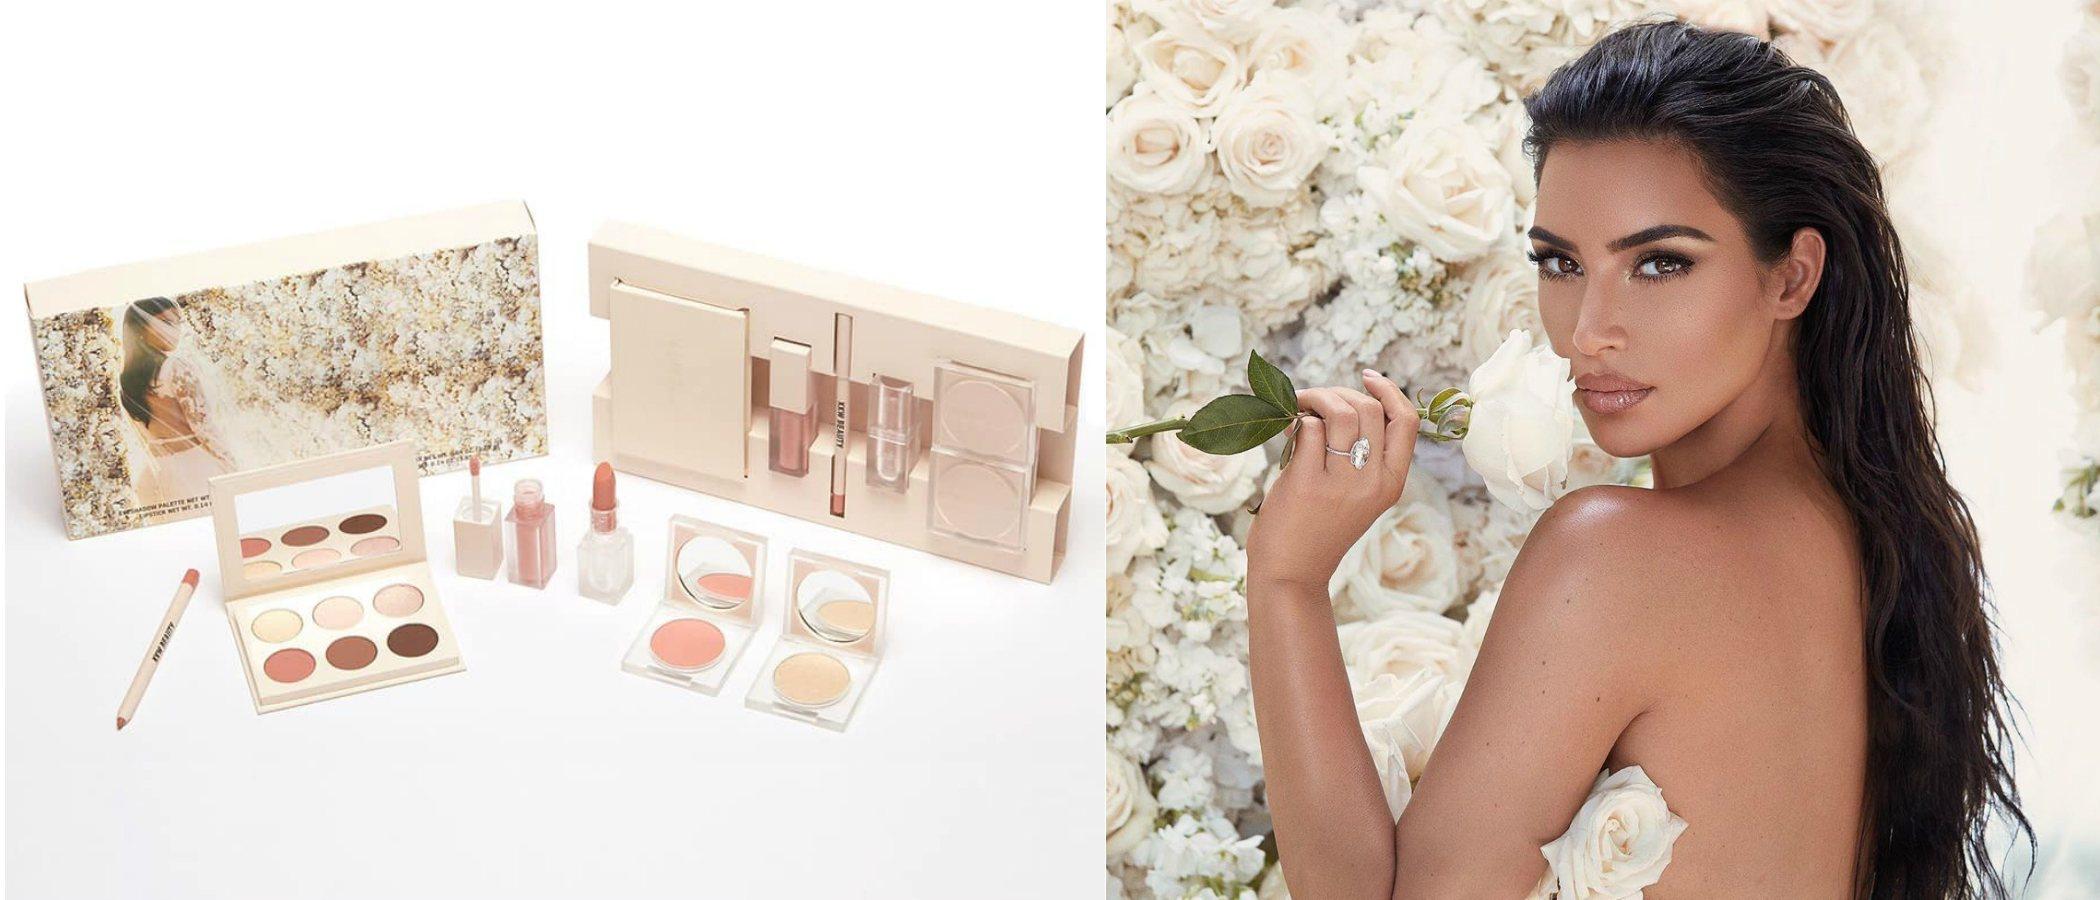 KKW Beauty lanza 'Mrs. West', una colección inspirada en el maquillaje de boda de Kim Kardashian